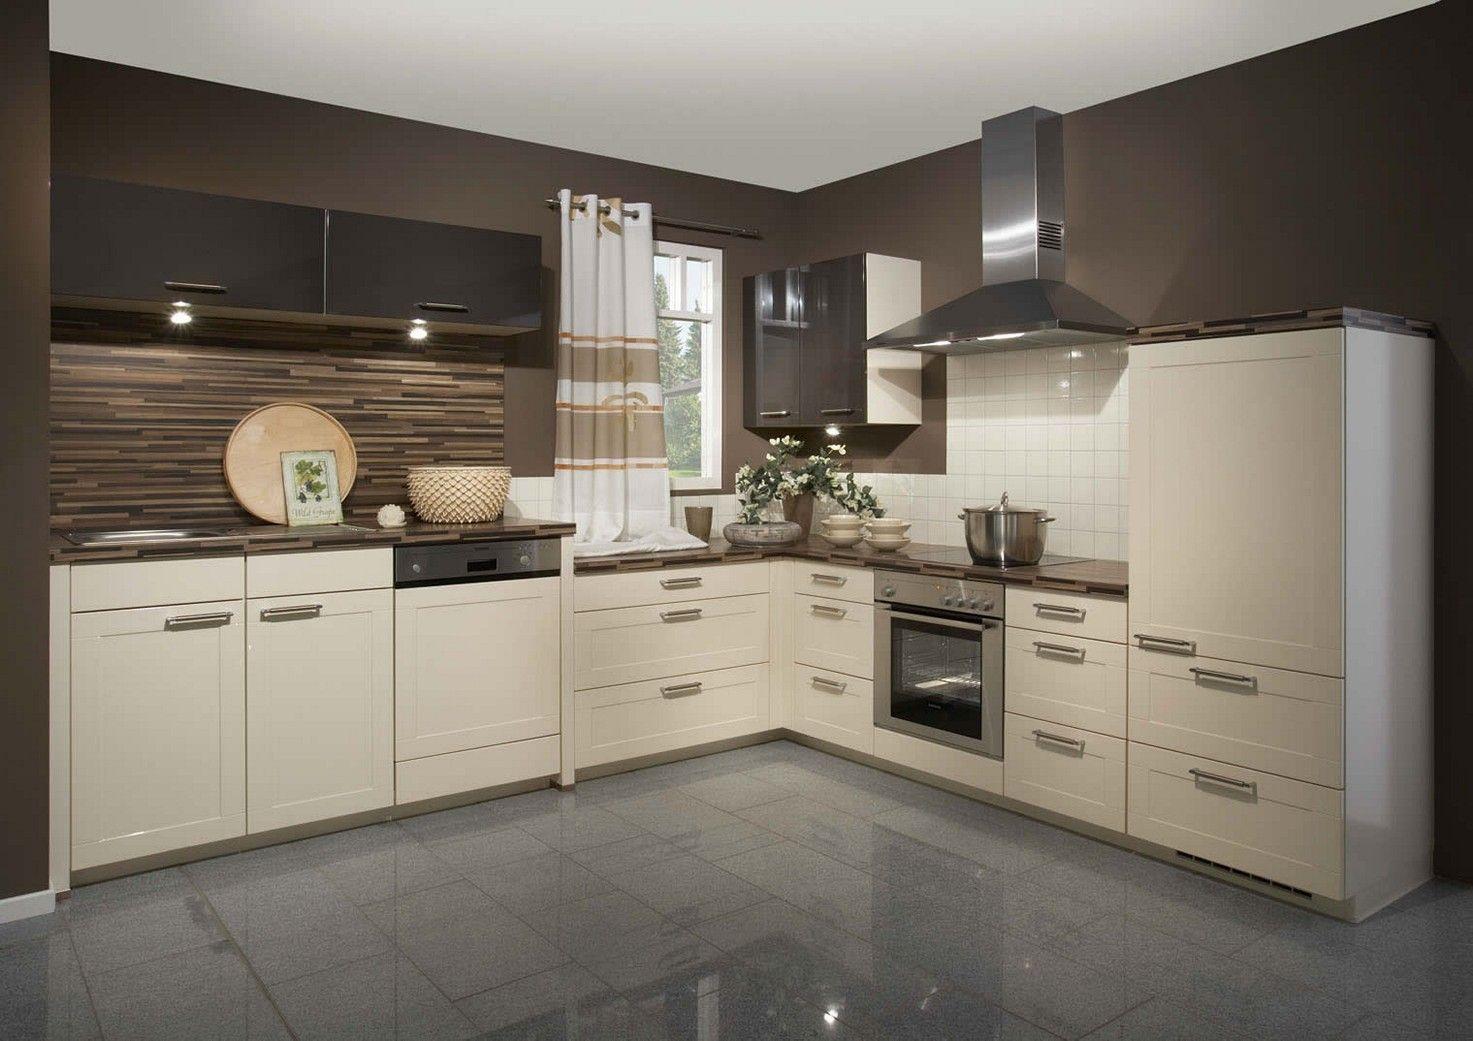 Best Cream Kitchen Cabinets With Grey Walls Kuchnia 400 x 300